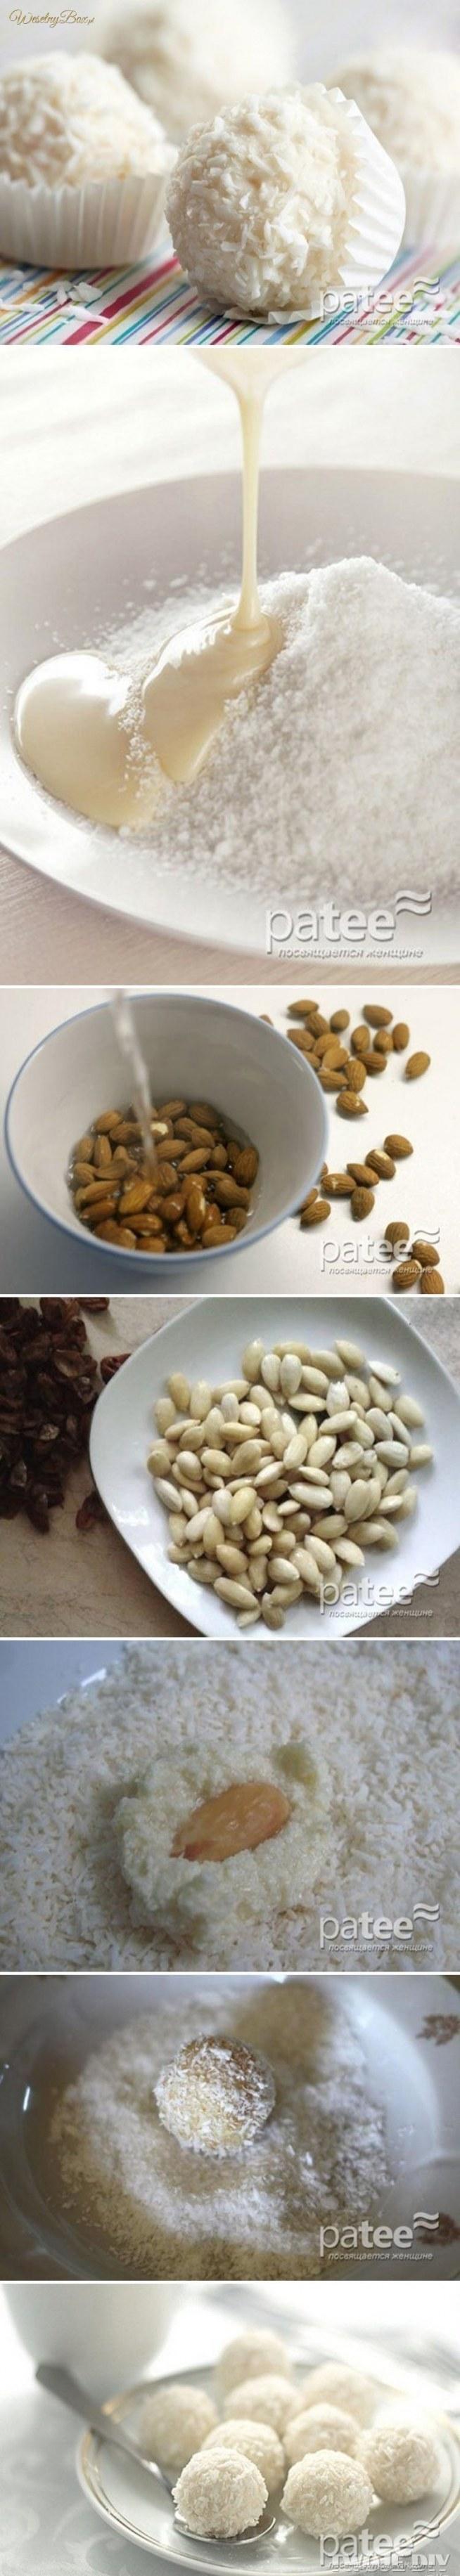 Przepis na domowe KULECZKI RAFAELO! 100g miękkiego masła 1/2 szklanki cukru pudru 1 jajko 100g wiórków kokosowych 100g herbatników 30-40g migdałów lub orzechów laskowych 1. Miękkie masło ucierać przez około 2 minuty mikserem ustawionym na najwyższe obroty. Następnie stopniowo dodawać cukier puder i ucierać jeszcze przez około 2-3 minuty, aż masa będzie kremowa. 2. Zmniejszyć obroty miksera na średnie i dodać jajko, dokładnie wymieszać, aż składniki się dobrze połączą. 3. Odłożyć około 3 łyżki wiórków kokosowych, a resztę dodać do masy, wymieszać. Powstałą masę wstawić do lodówki na 1 godzinę. 4. Herbatniki bardzo drobno pokruszyć. Masę kokosową wyjąć z lodówki i dodać herbatniki, wymieszać. 5. Z ciasta formować kuleczki wielkości orzecha włoskiego (ja nawet robiłam trochę mniejsze). W środek każdej kuleczki włożyć migdał lub orzech laskowy. Następnie kuleczki obtoczyć w odłożonych wiórkach kokosowych. Gotowe kuleczki wstawić do lodówki na parę godzin.